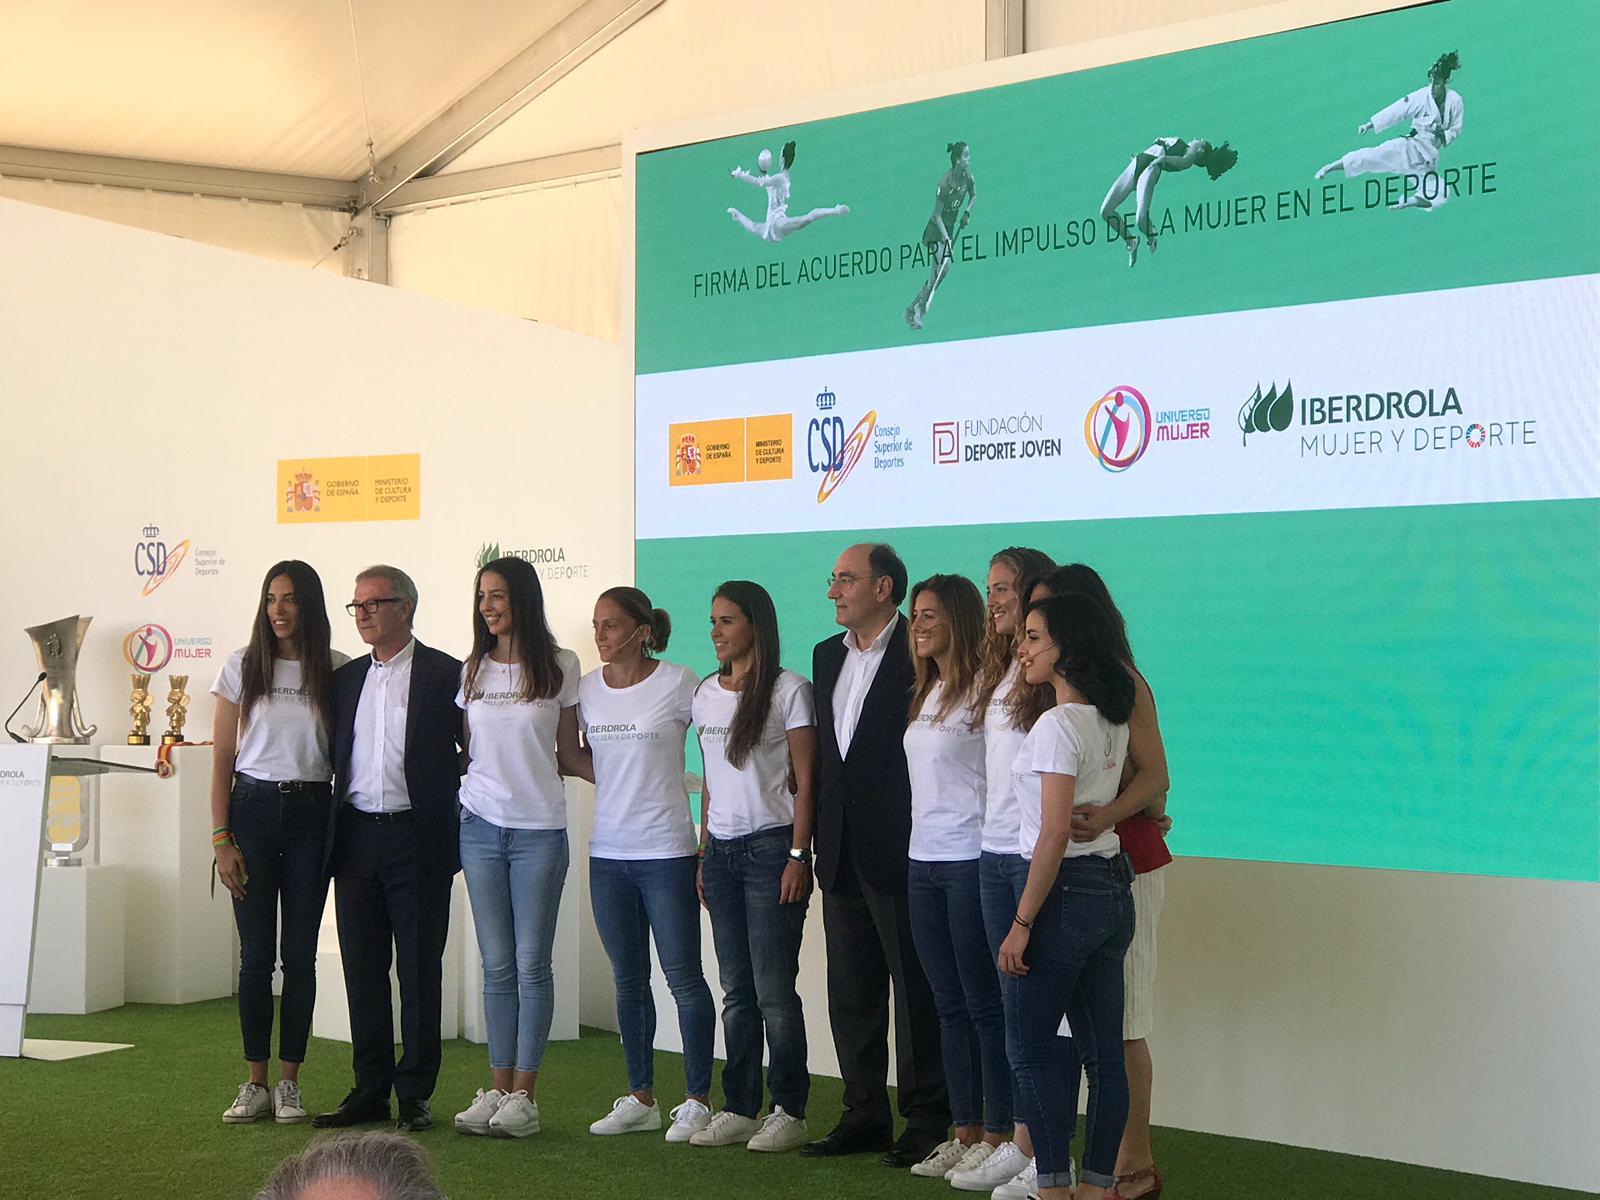 Renovación del acuerdo para impulsar a la mujer en el ámbito deportivo entre el CSD e IBERDROLA